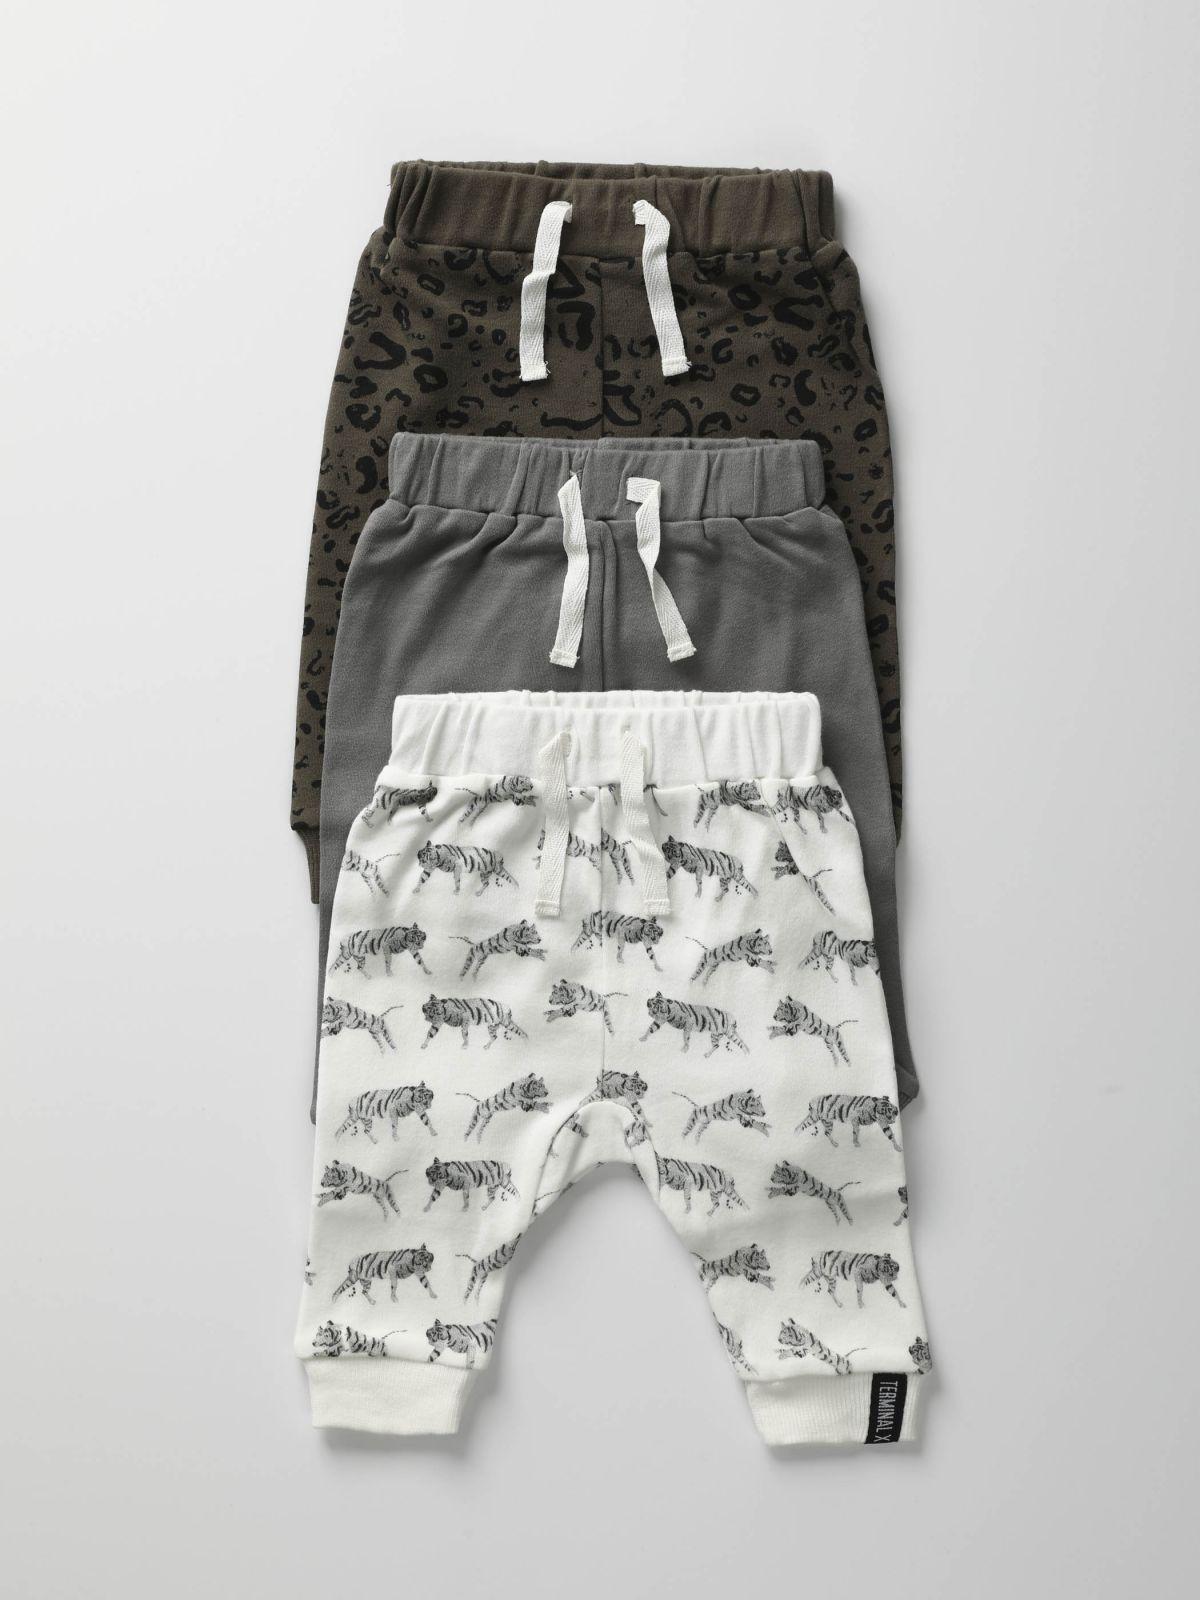 מארז 3 מכנסיים בהדפסים שונים / בייבי בניםמארז 3 מכנסיים בהדפסים שונים / בייבי בנים של TERMINAL X KIDS